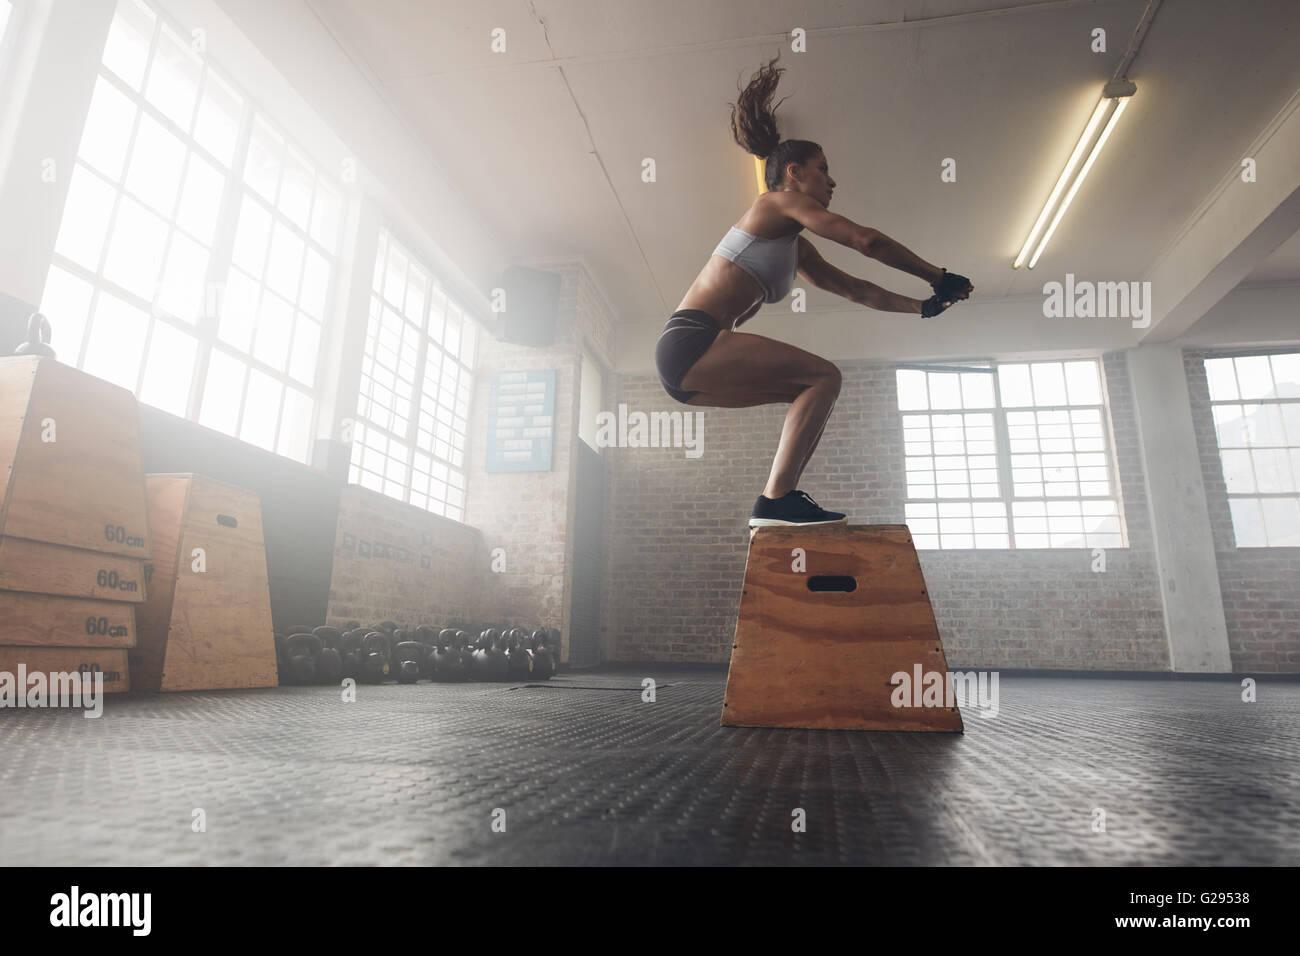 Side View-Bild Fit jungen Frau, die ein Feld Sprung Übung. Muskulöse Frau macht eine Kiste hocken am Kreuz Stockbild